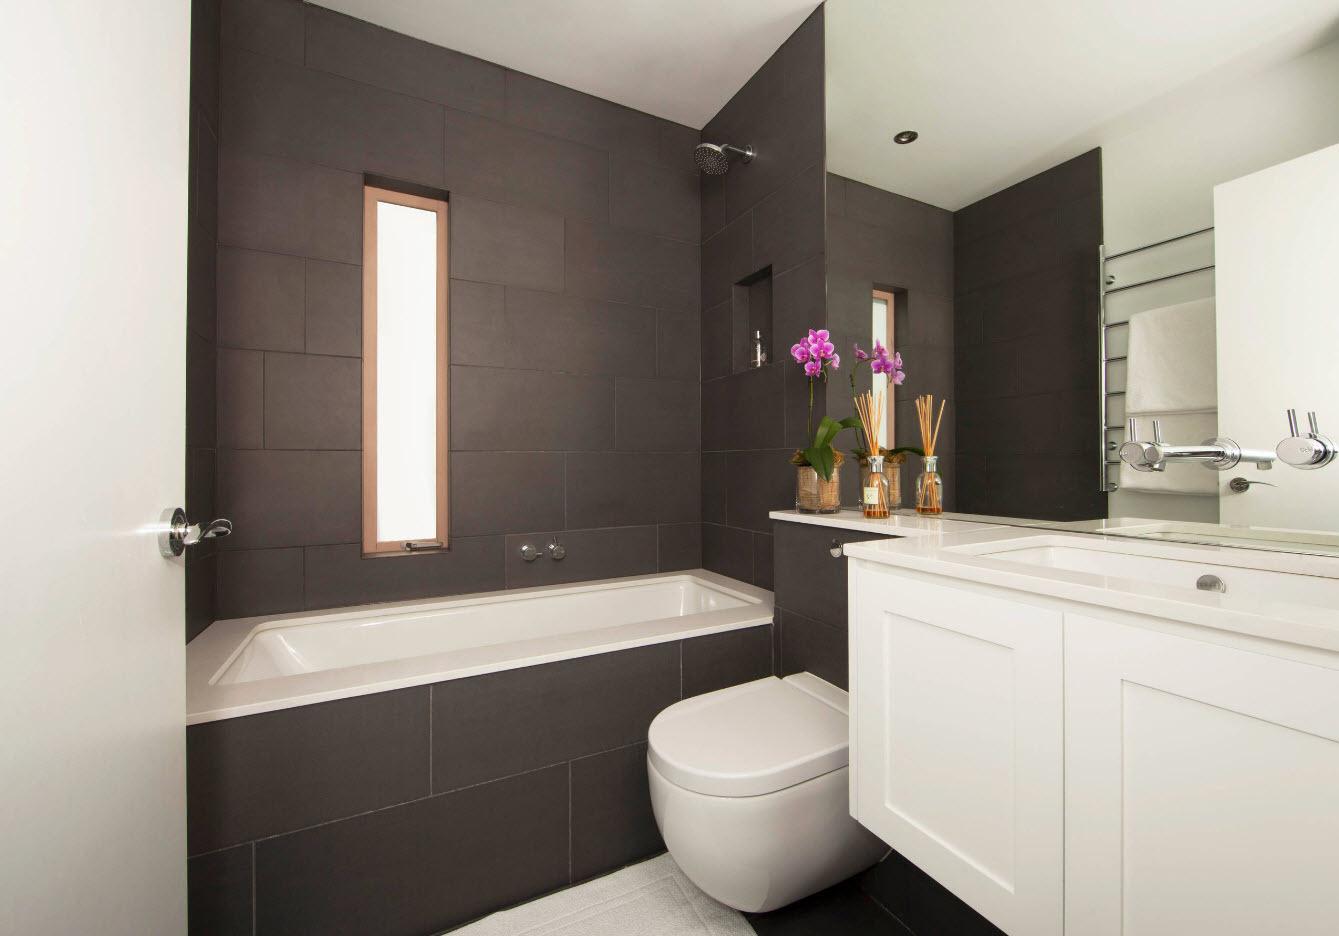 Сочетание светлых и темных цветов в ванной комнате